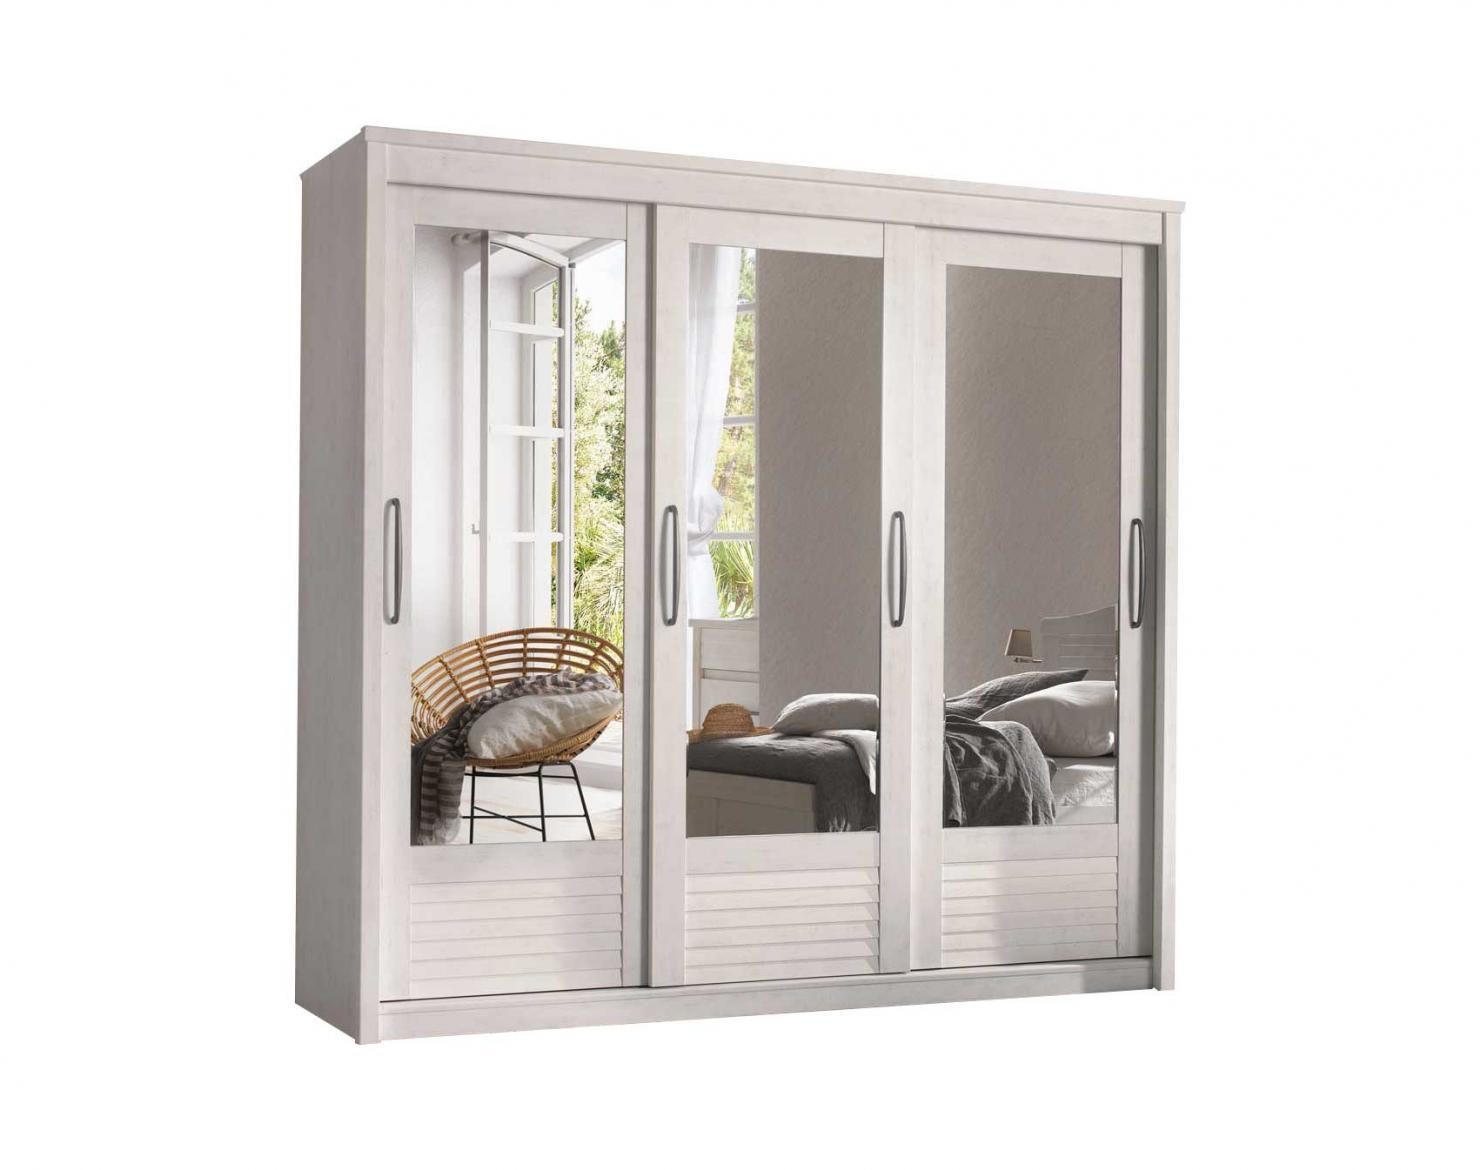 armoire 3 portes coulissantes miroirs biseautes